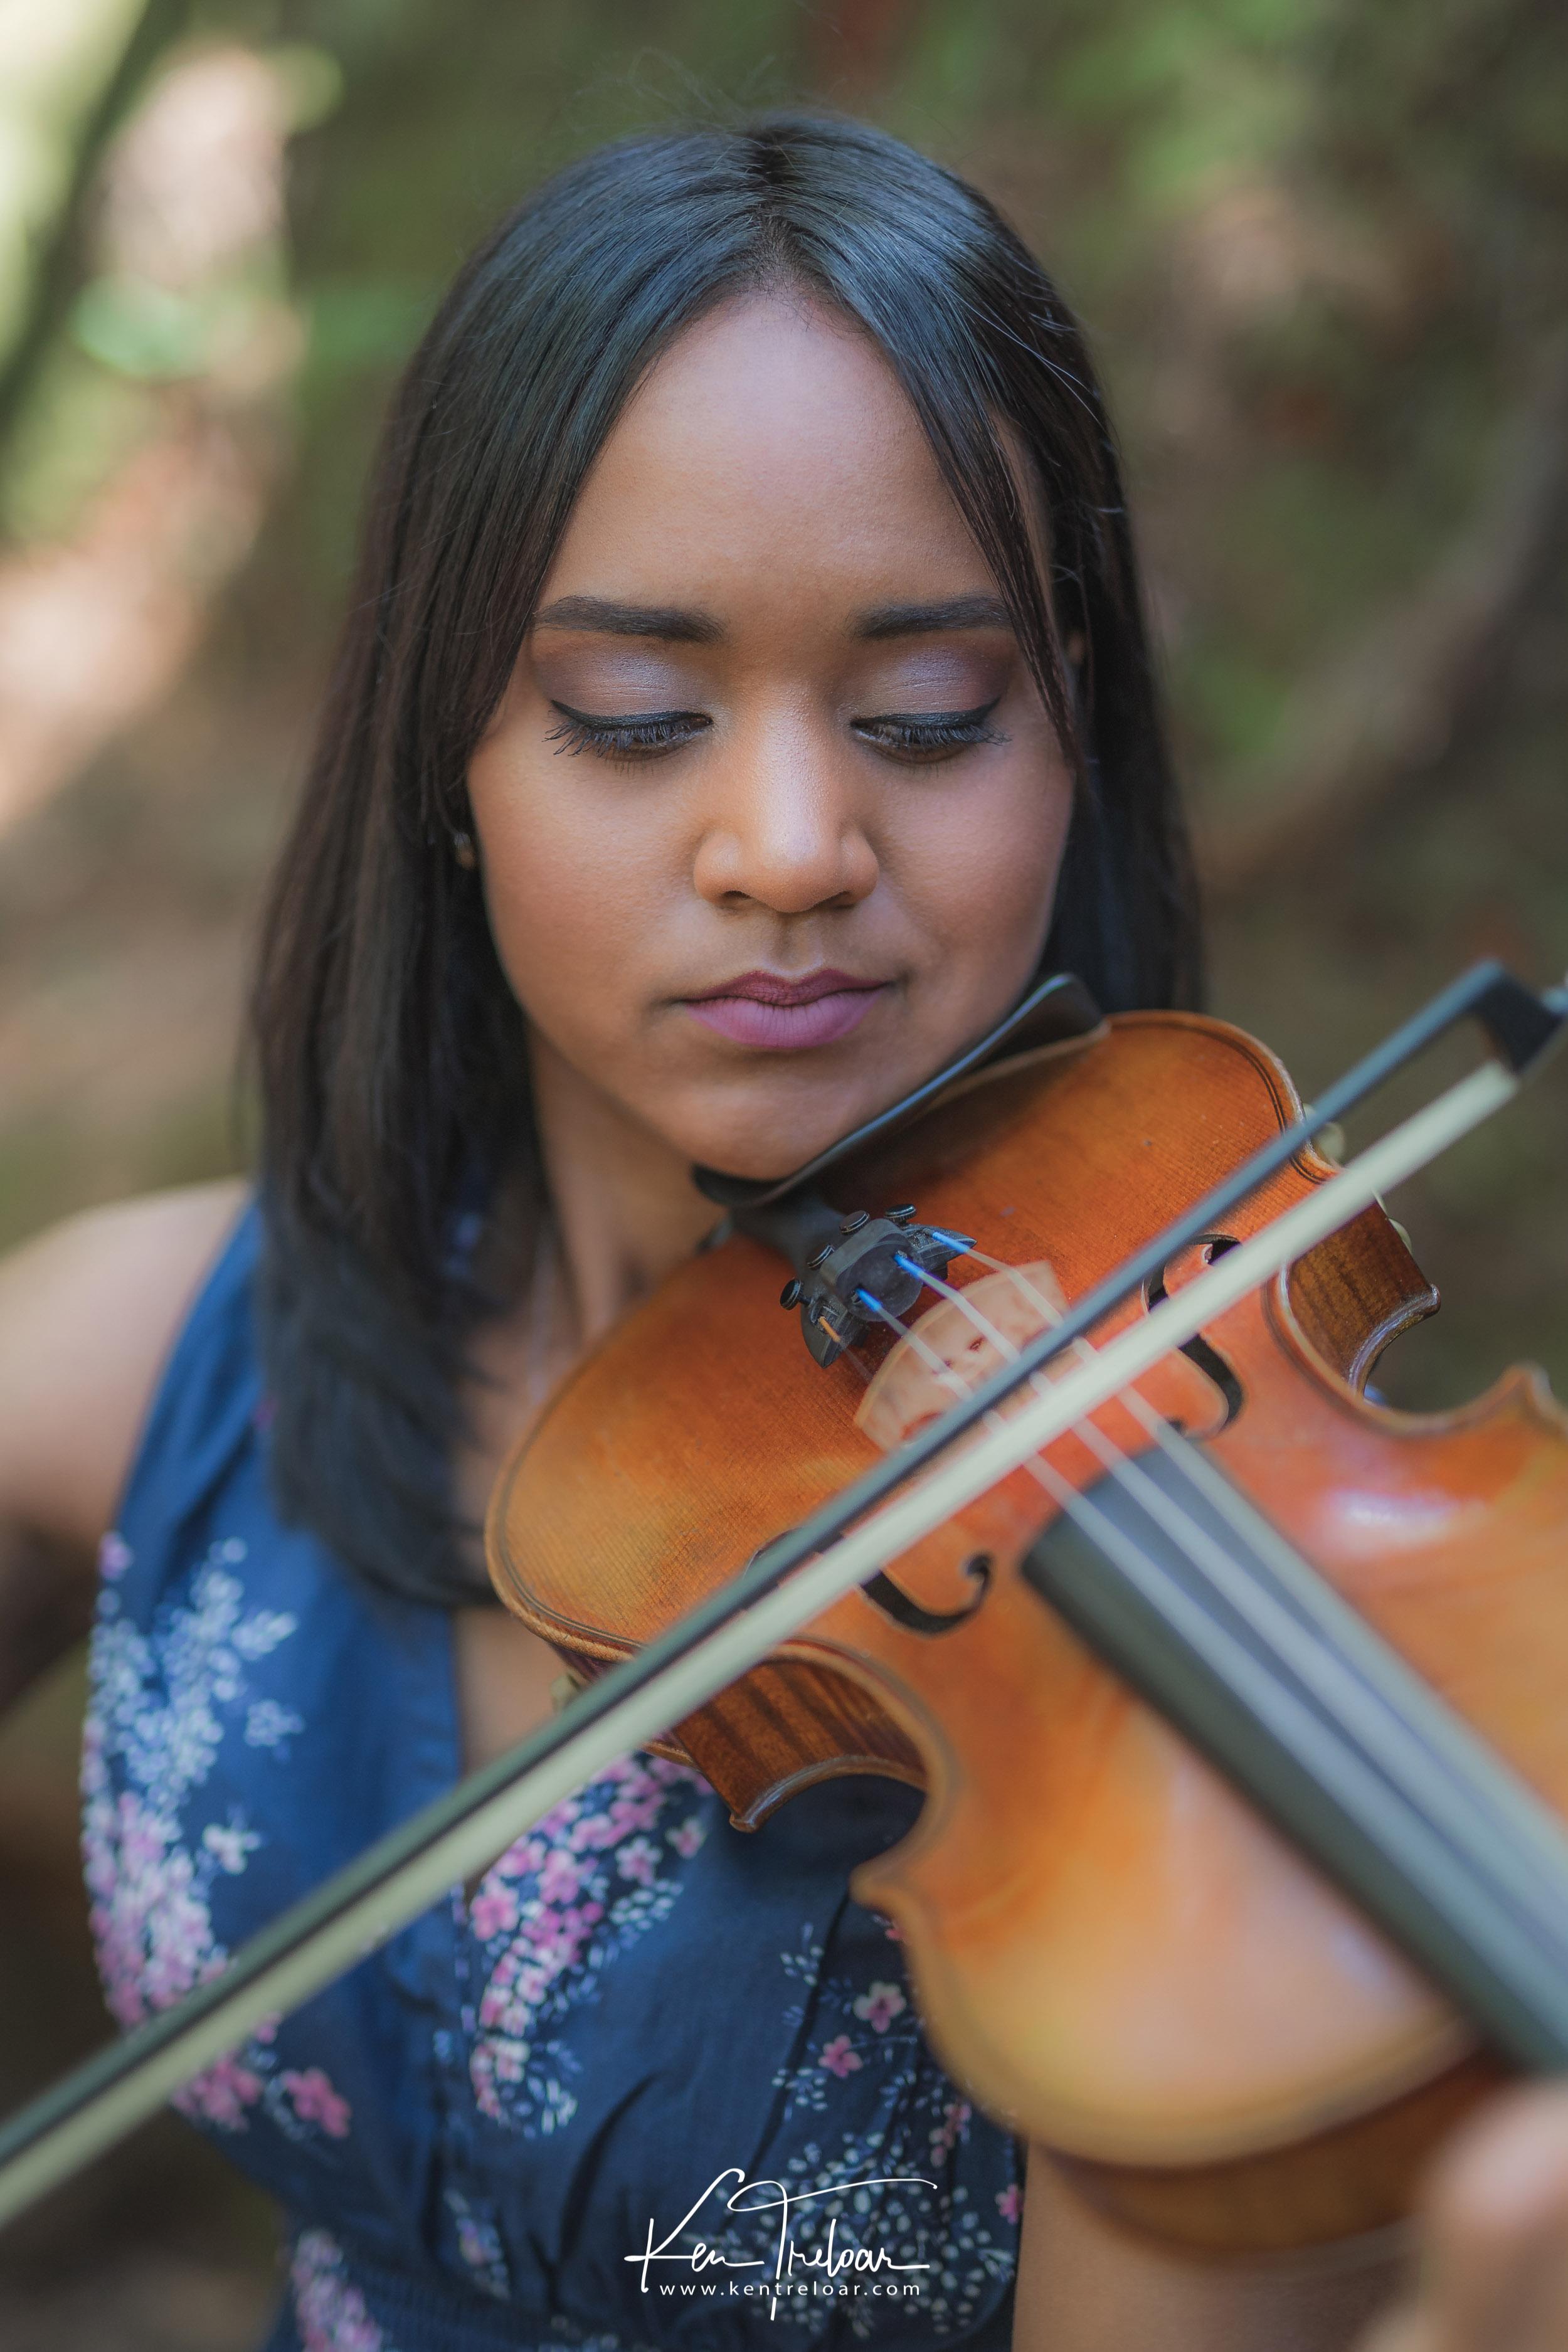 Violin Portrait Photography - Ken Treloar